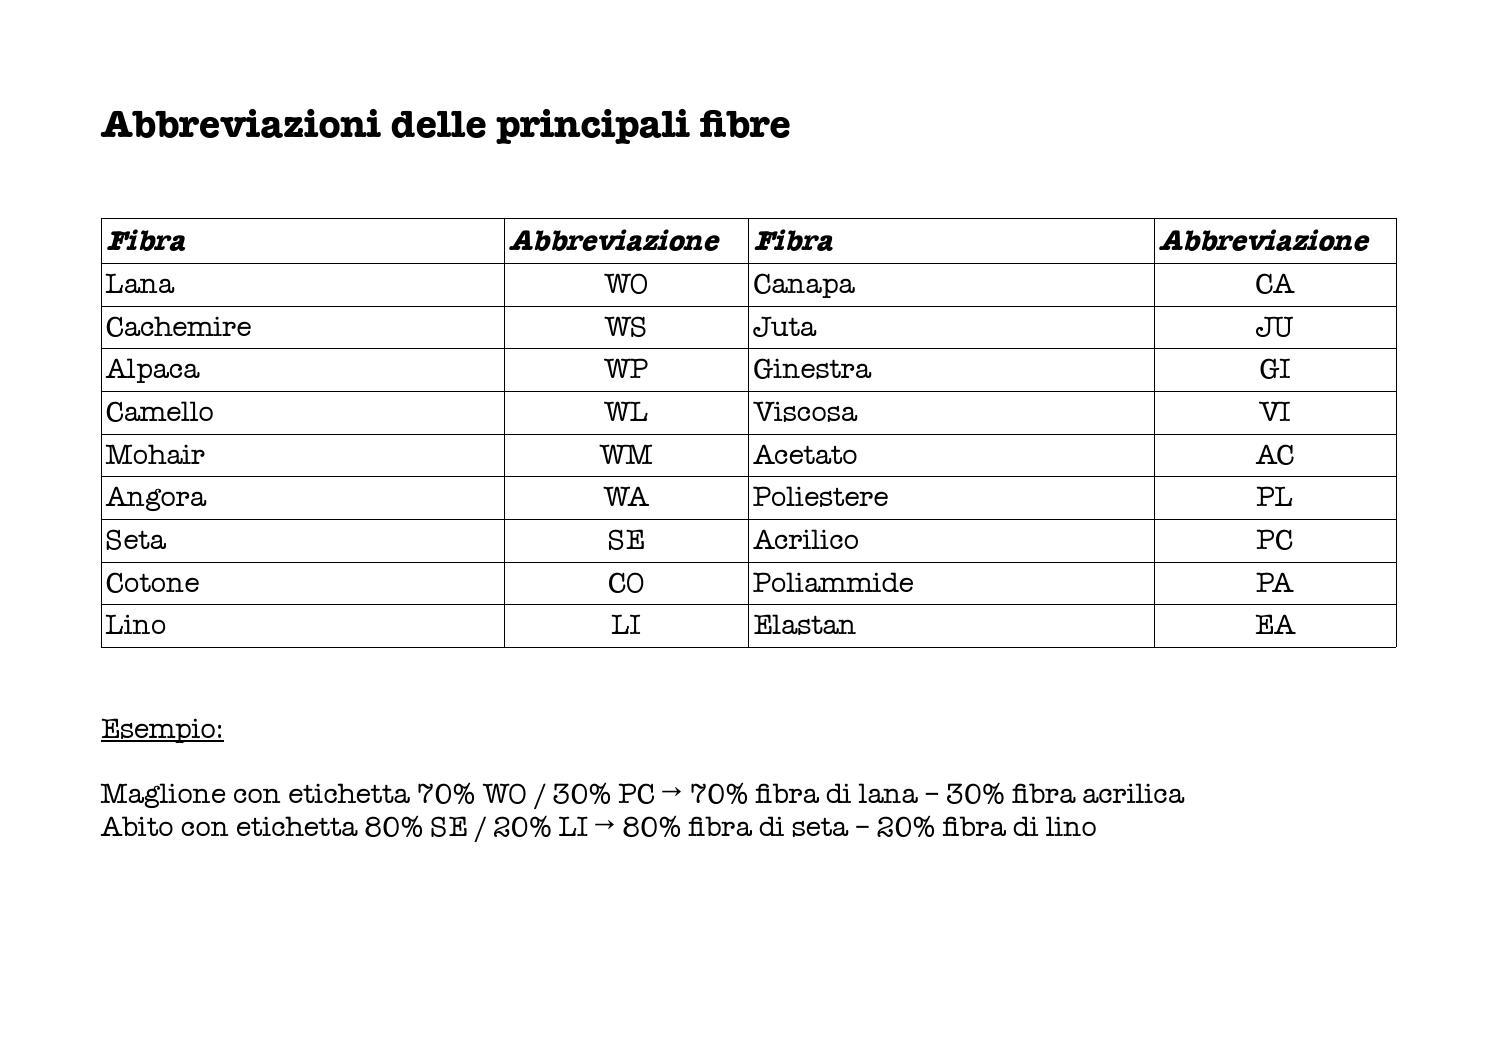 Abbreviazioni Fibre By Portale Ragazzi